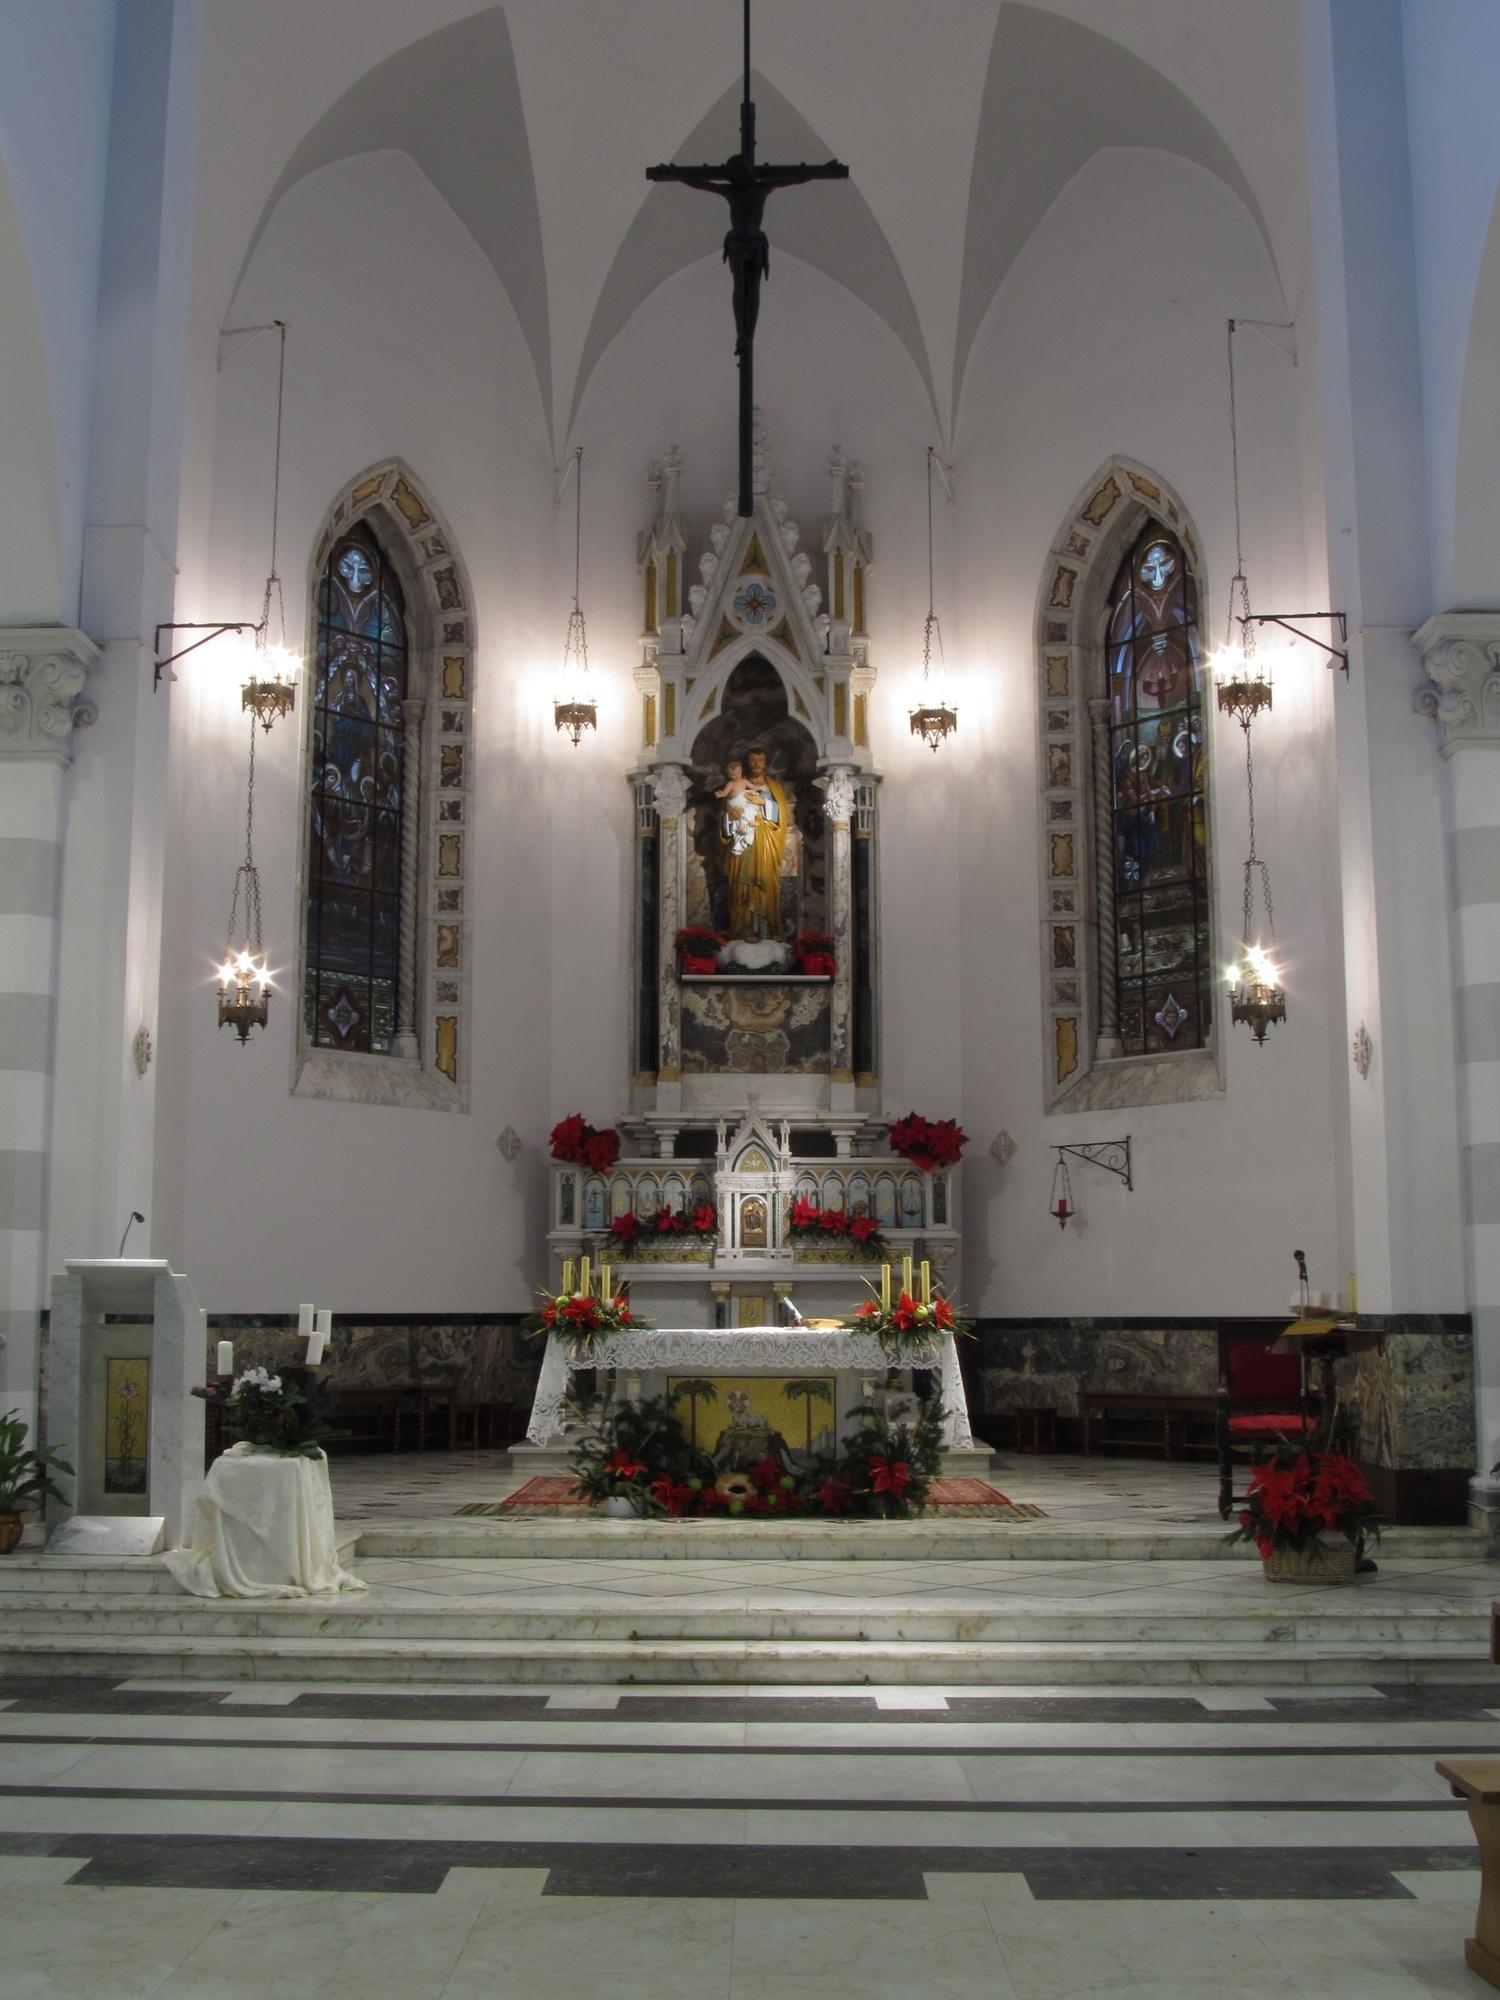 chiesa-natale-2015-12-24-15-02-27